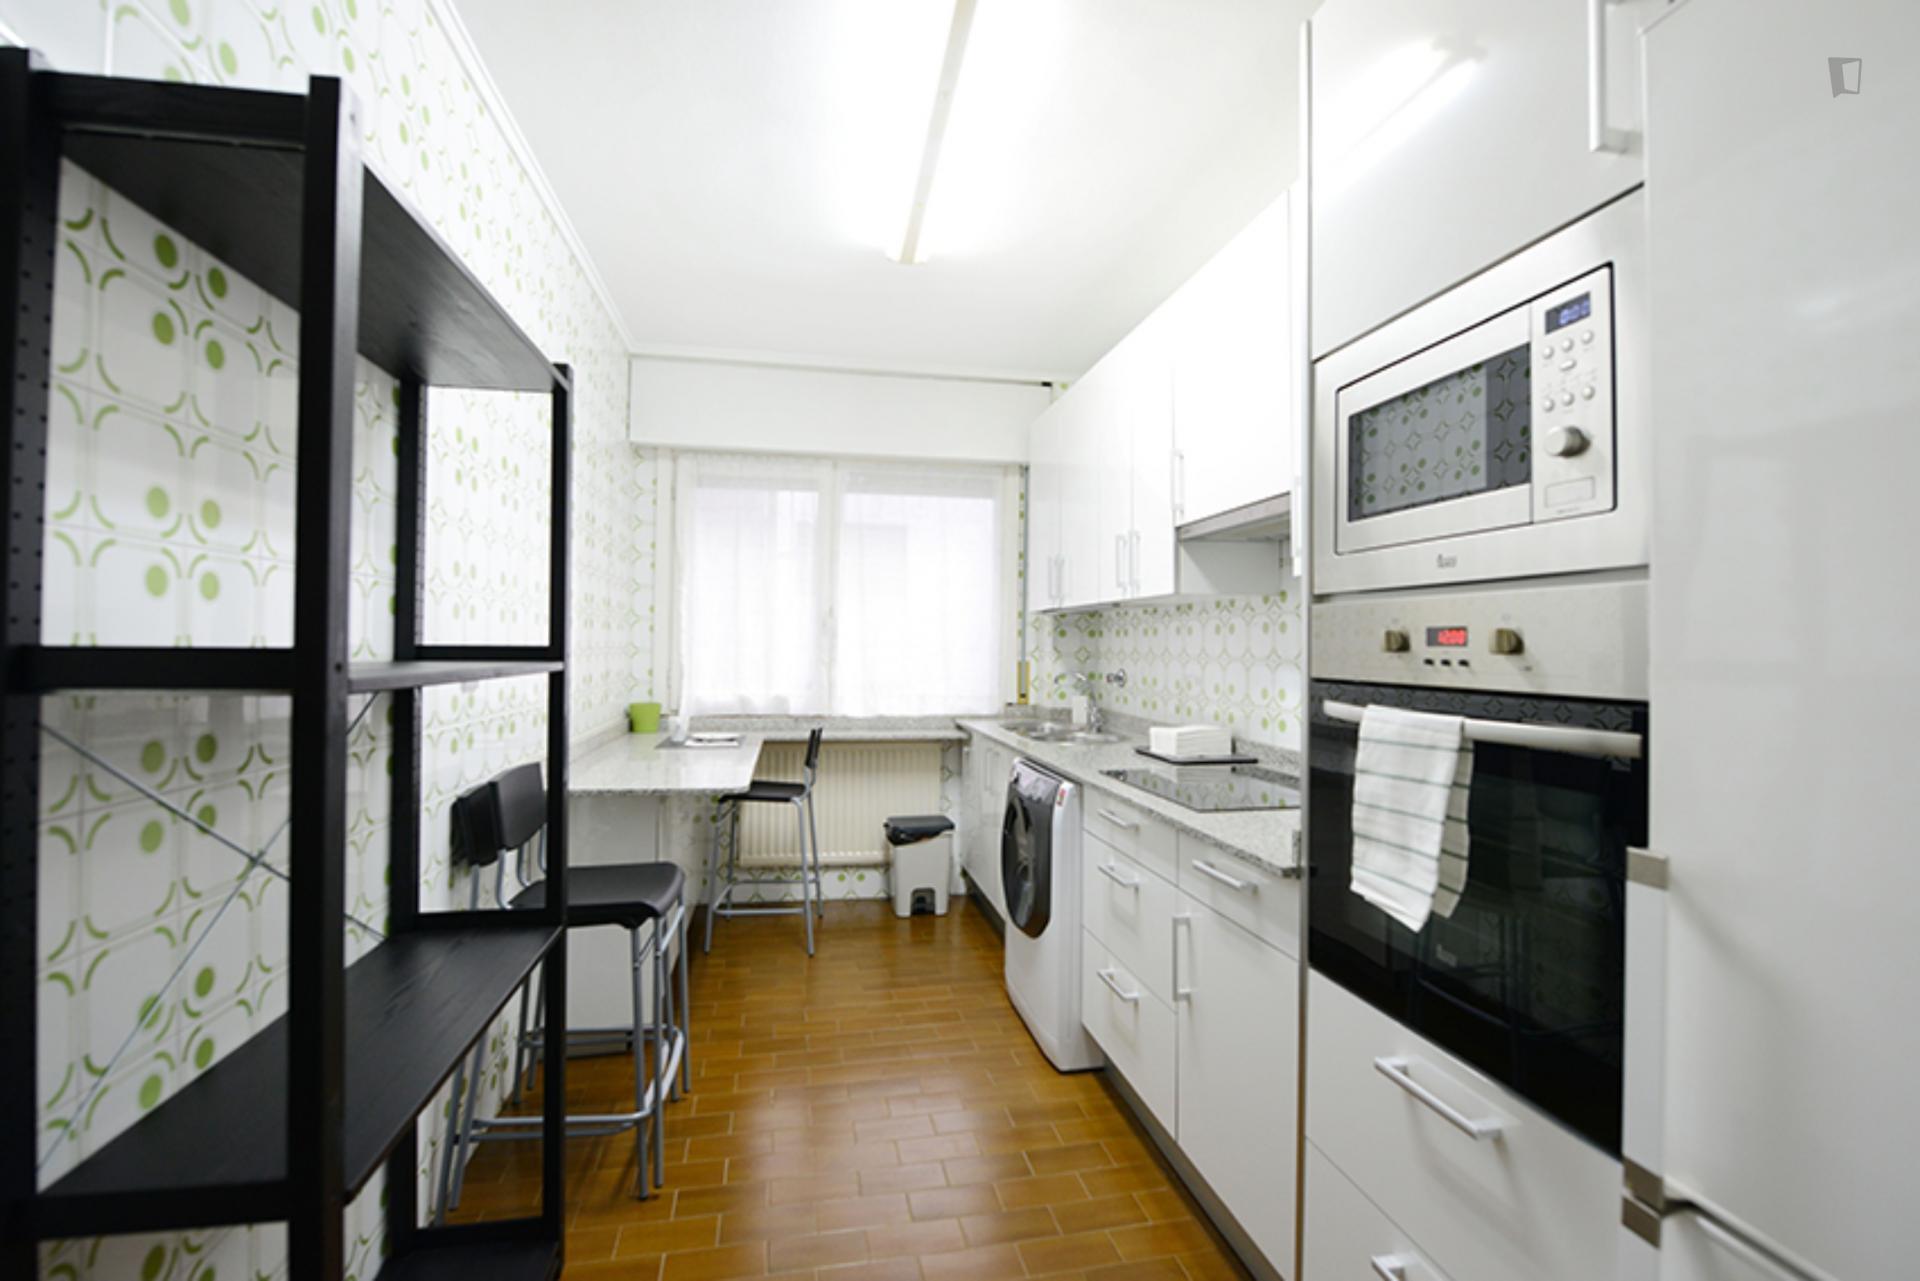 Kalea - Double bedroom in Bilbao